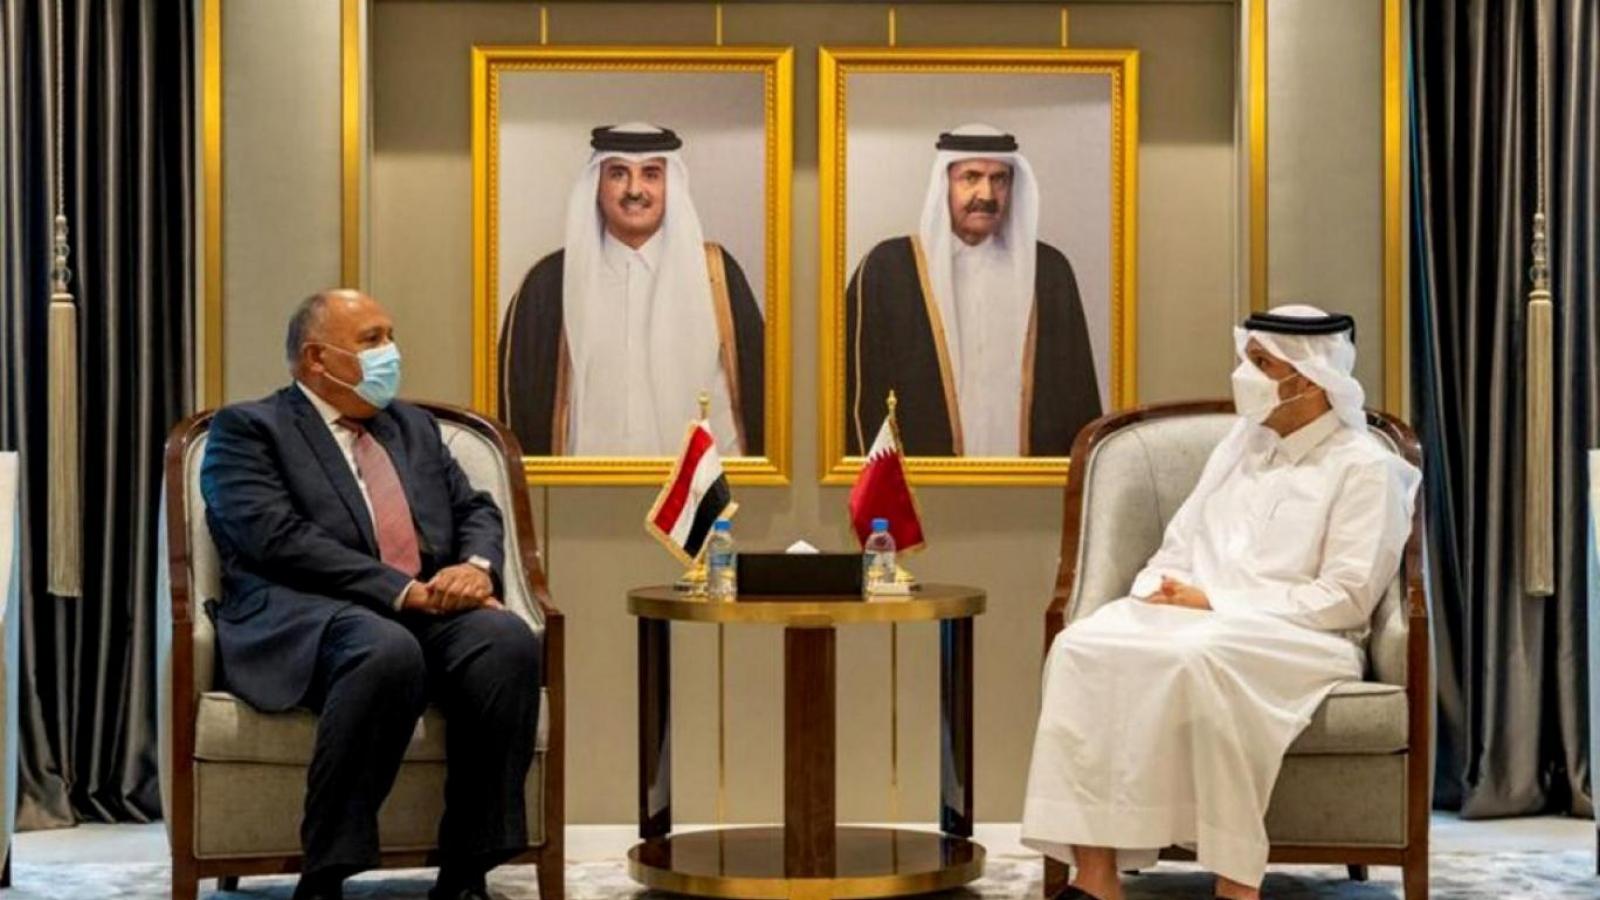 Ai Cập bổ nhiệm Đại sứ đặc mệnh toàn quyền tại Qatar sau khi nối lại quan hệ ngoại giao